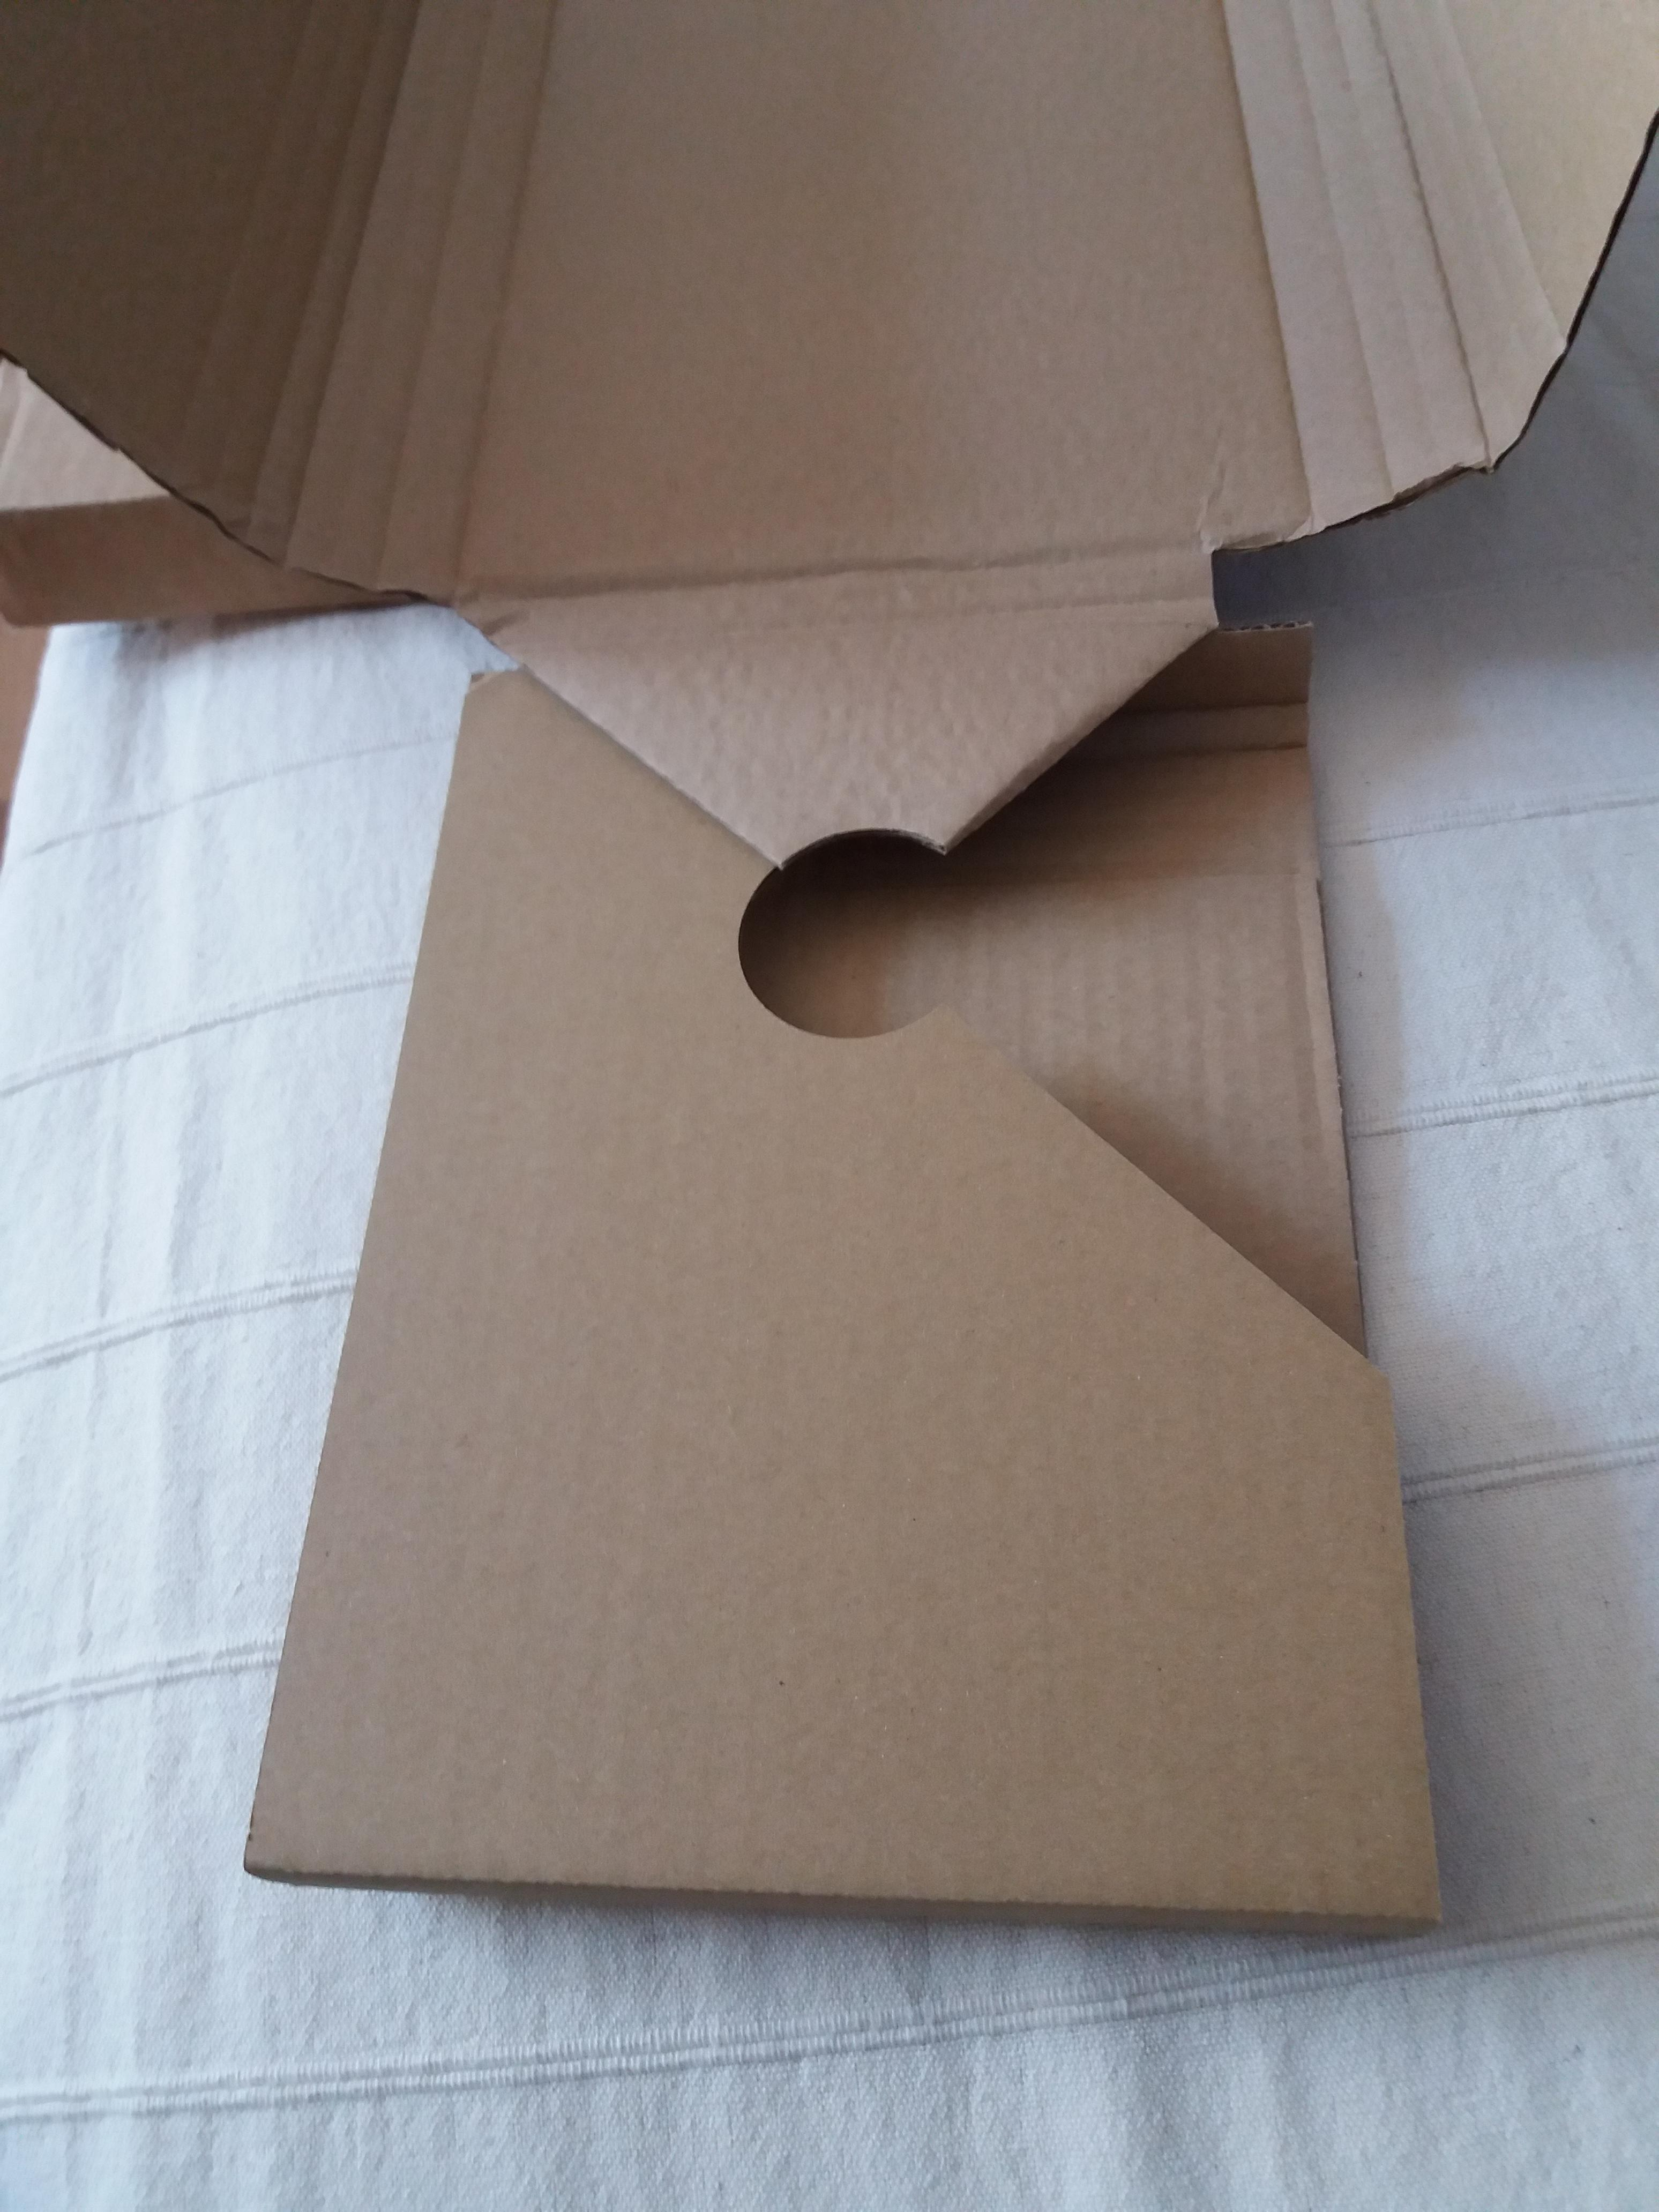 troc de troc boîte pour envoi de livres image 1